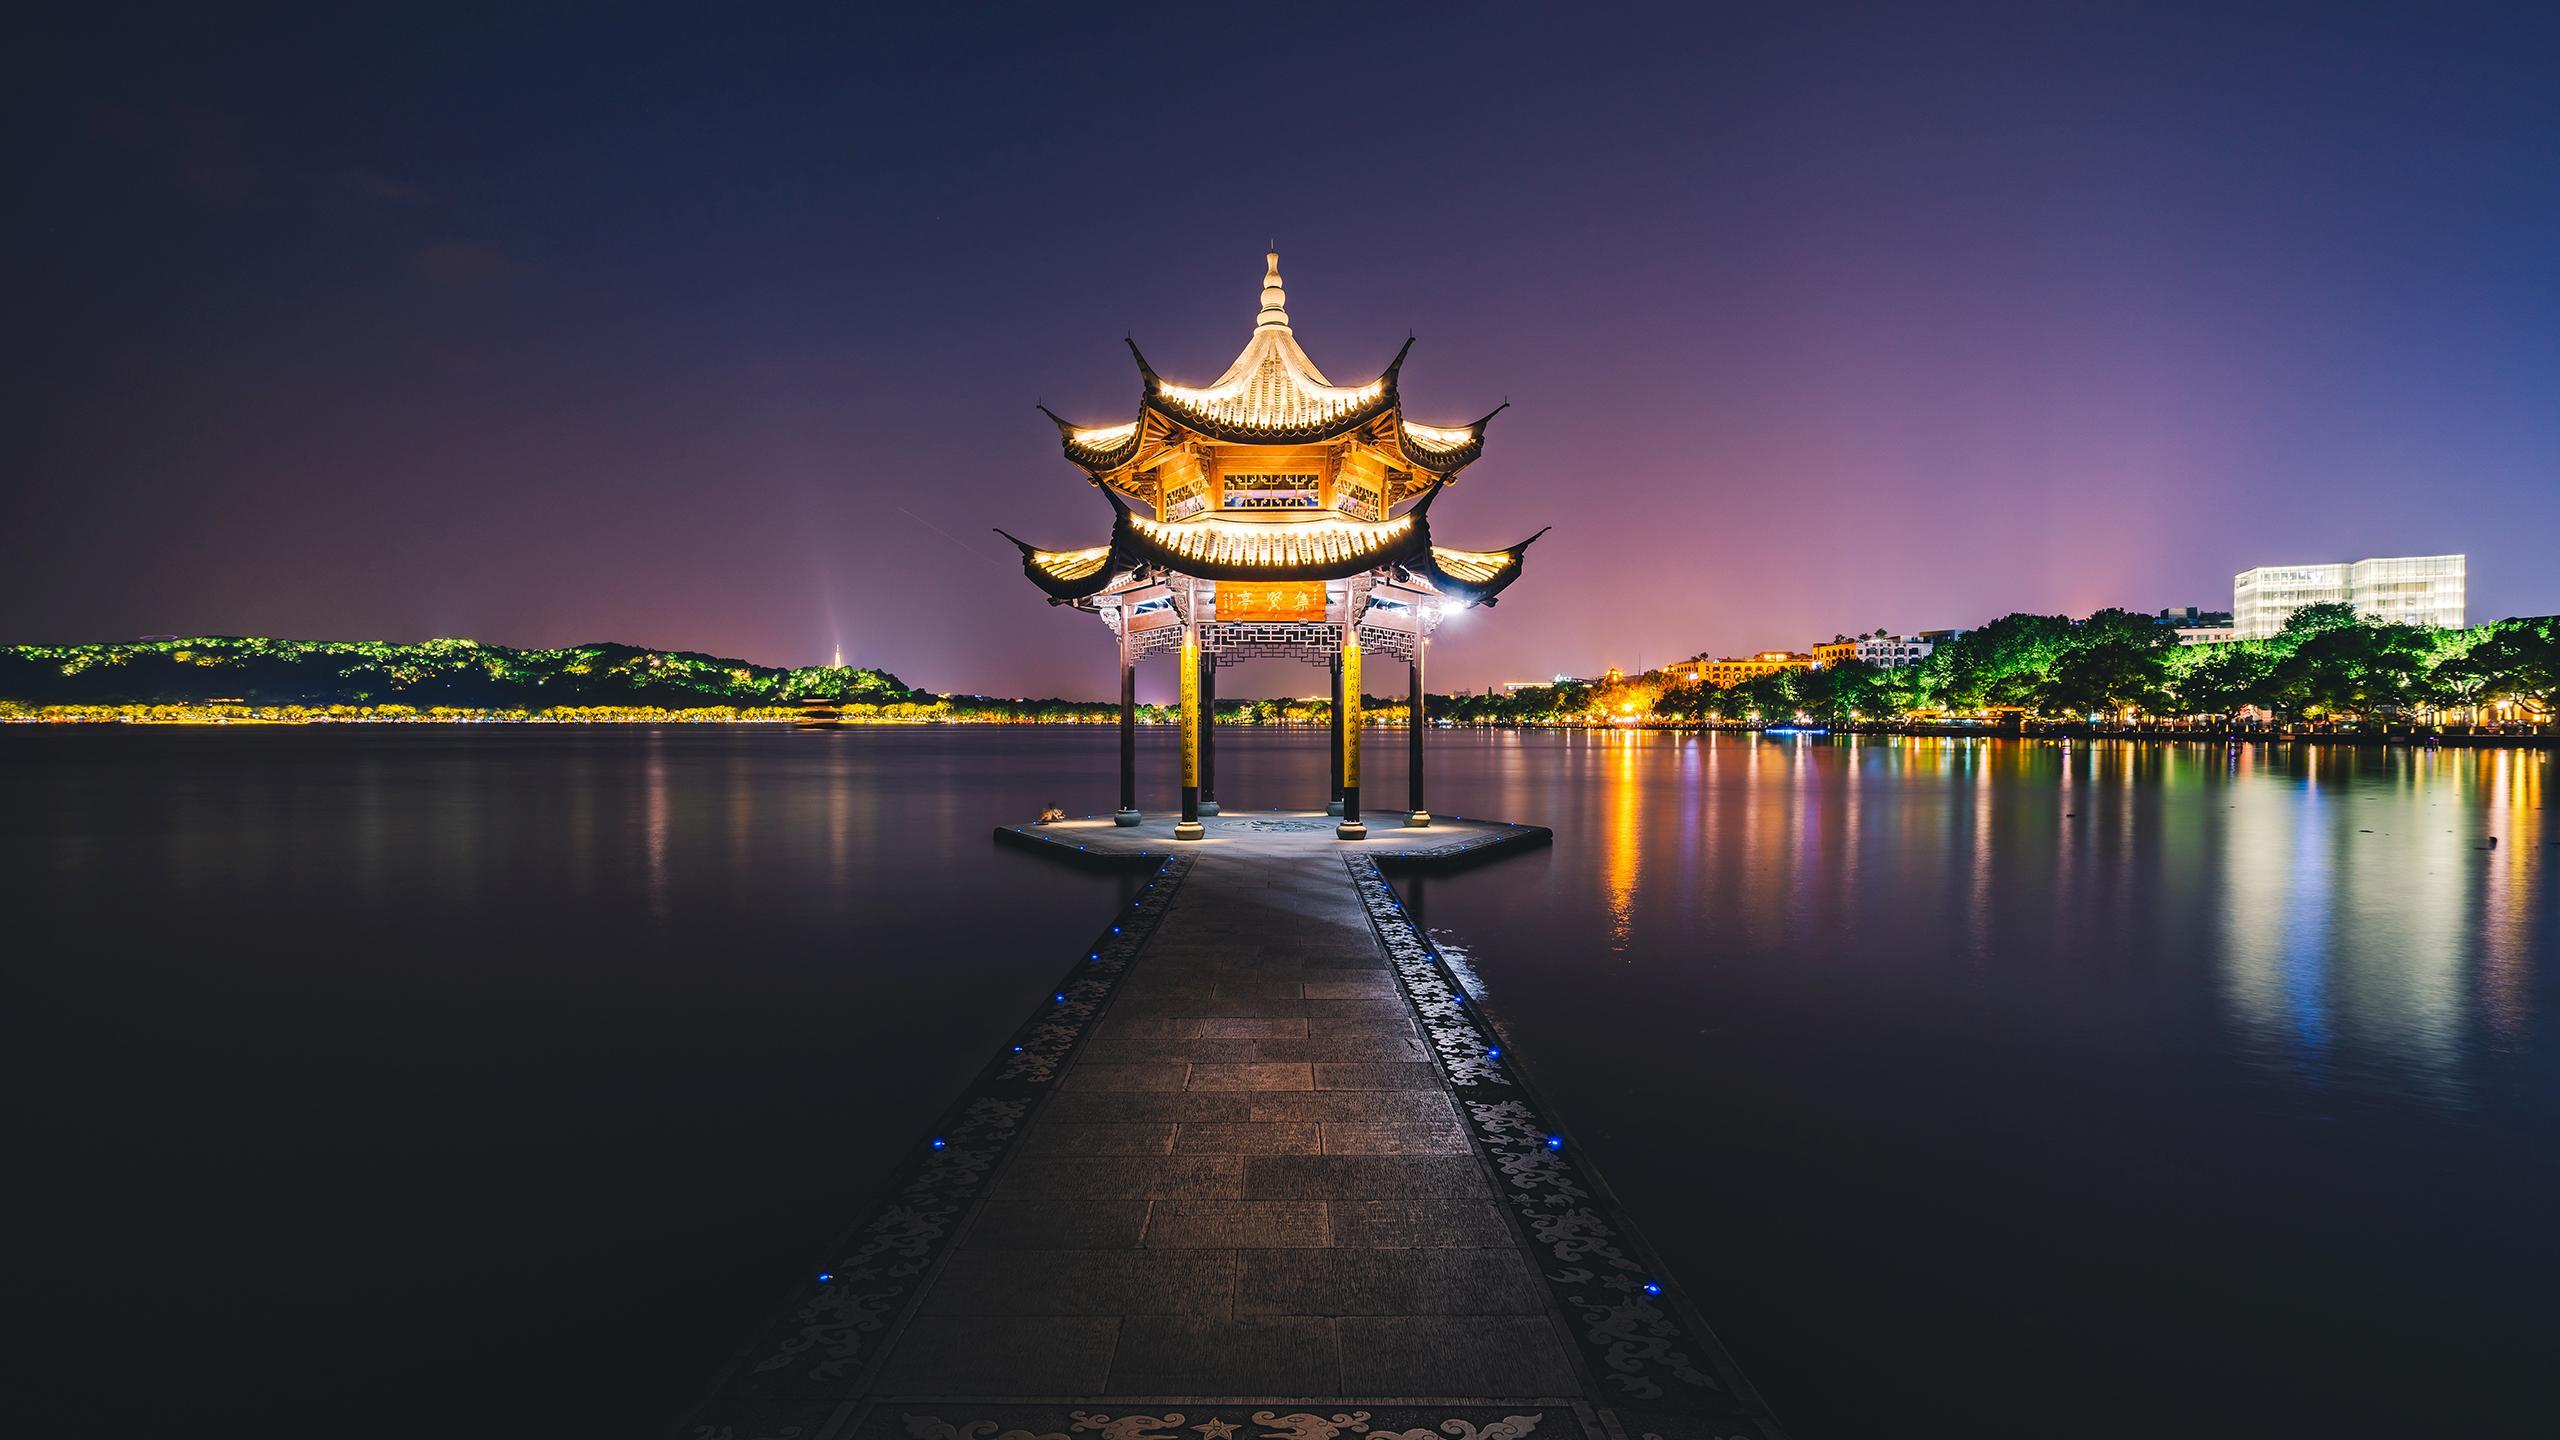 2k杭州西湖夜景摄影高清宽屏壁纸